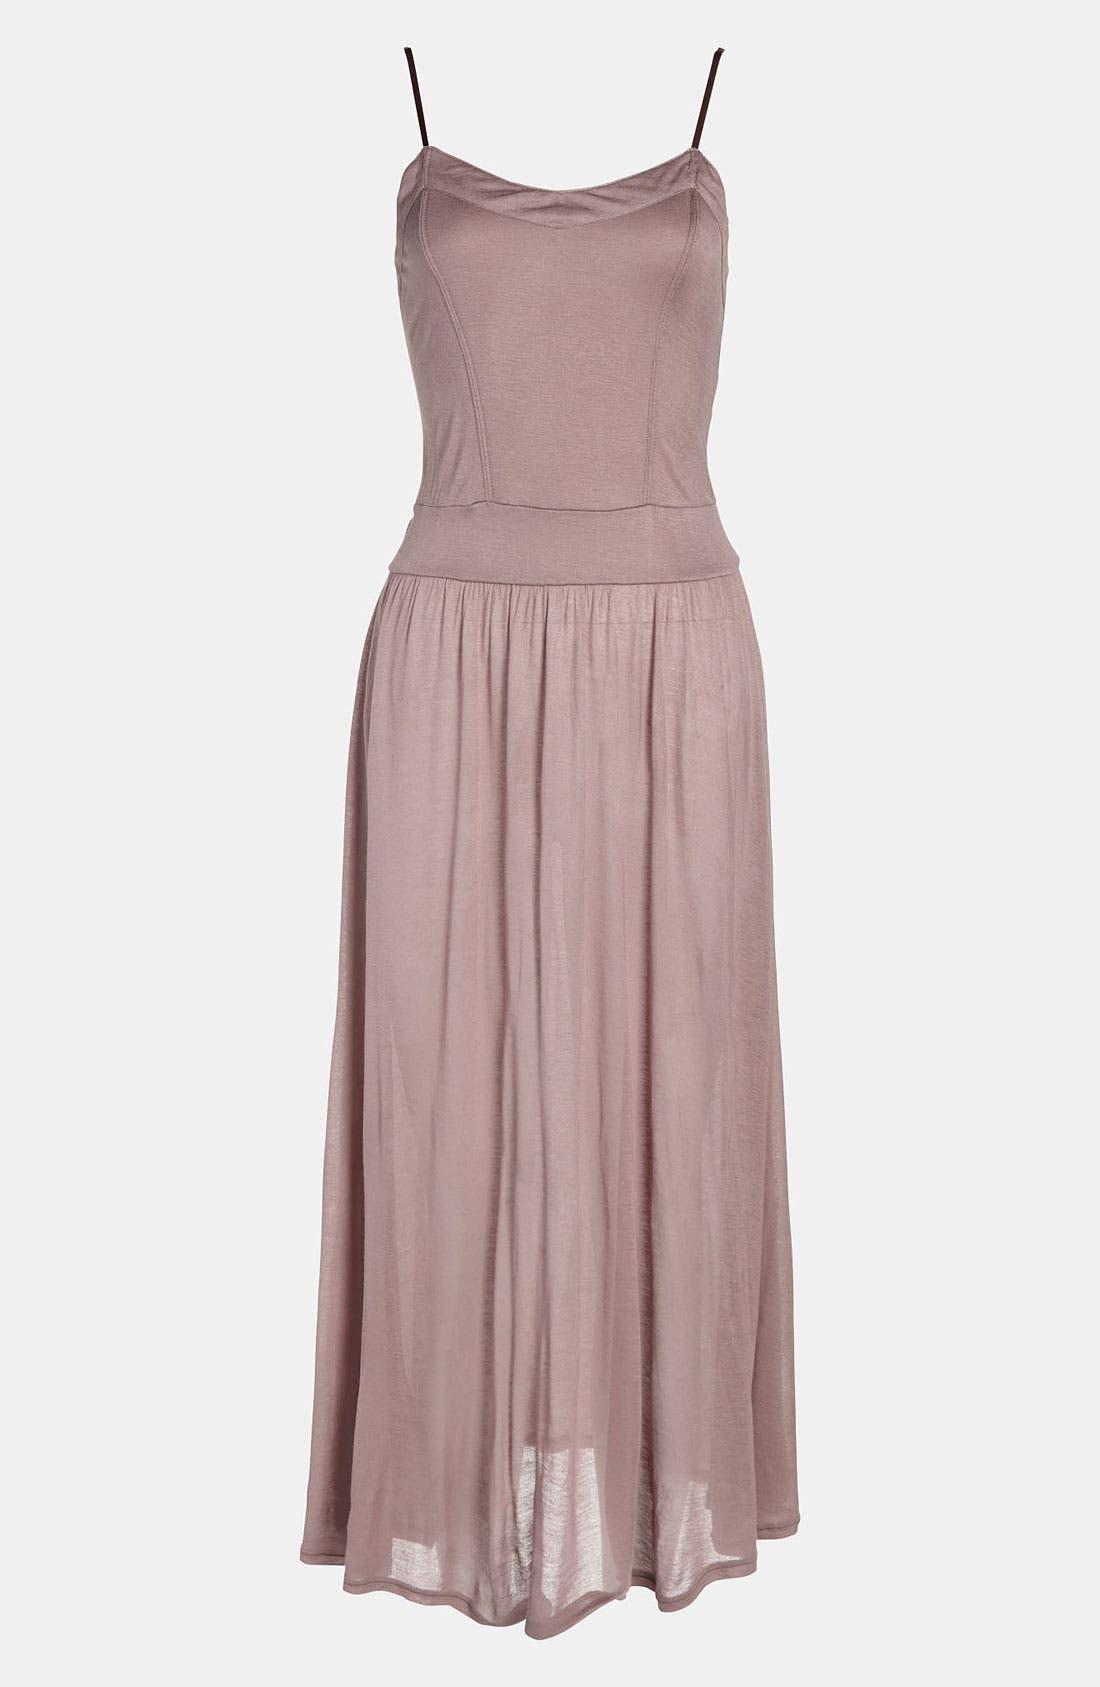 Alternate Image 1 Selected - Tildon Sheer Knit Slip Dress